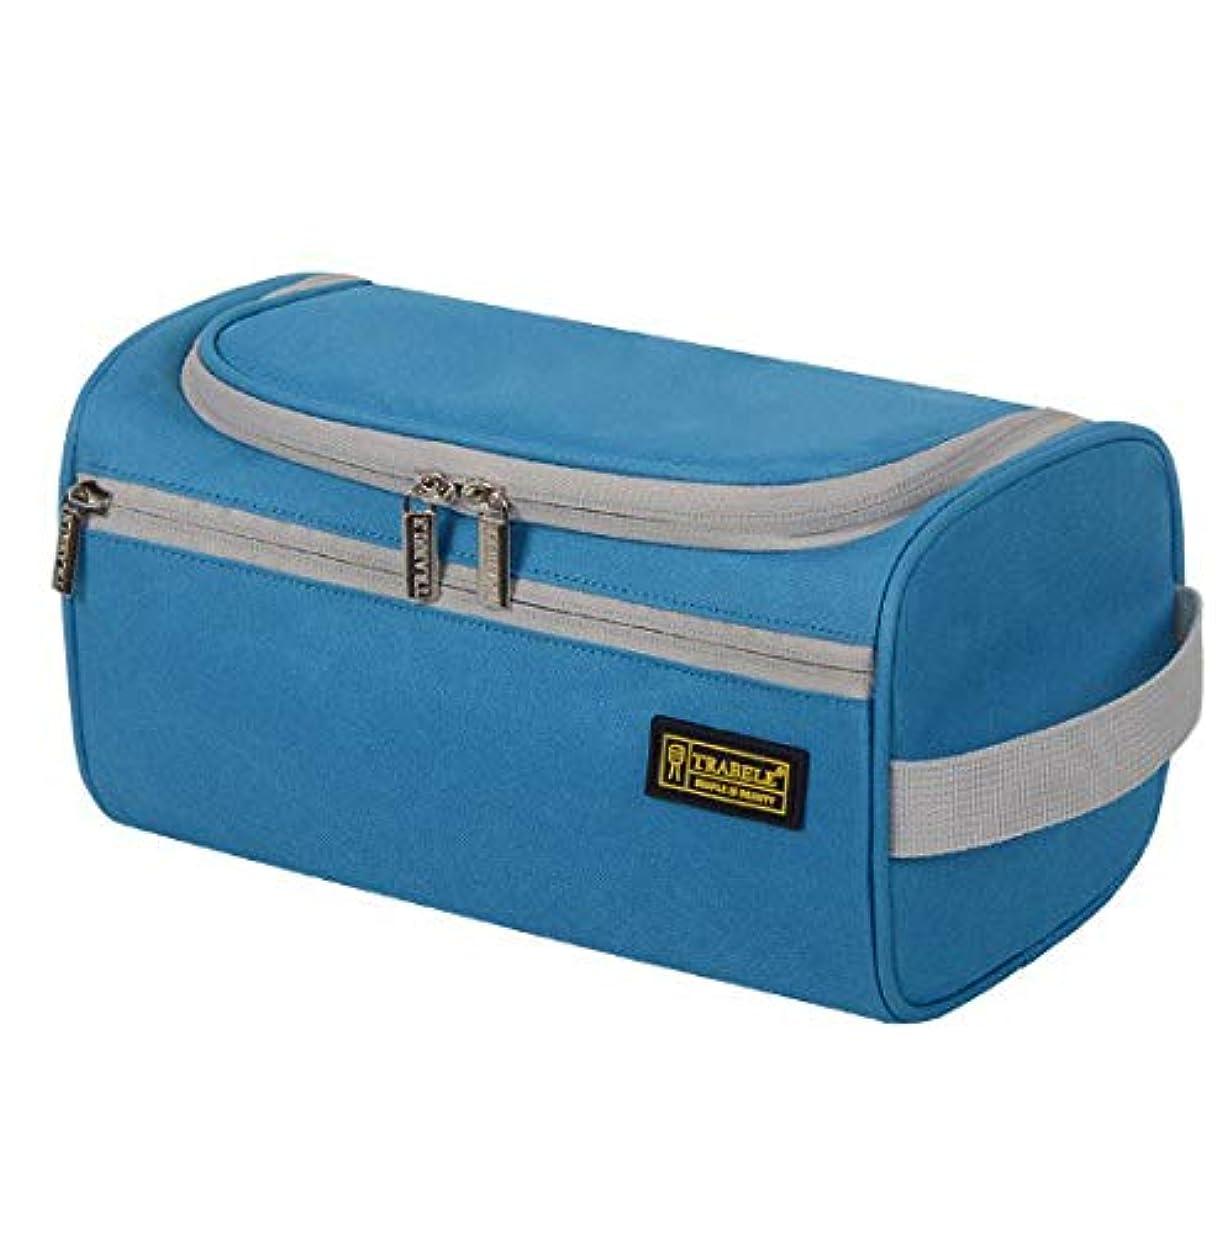 クロス羊飼いようこそShiMin 美容バッグ、ポータブル旅行化粧品バッグ、ポータブルフック??化粧品メンズウォッシュバッグ (Color : ブルー)